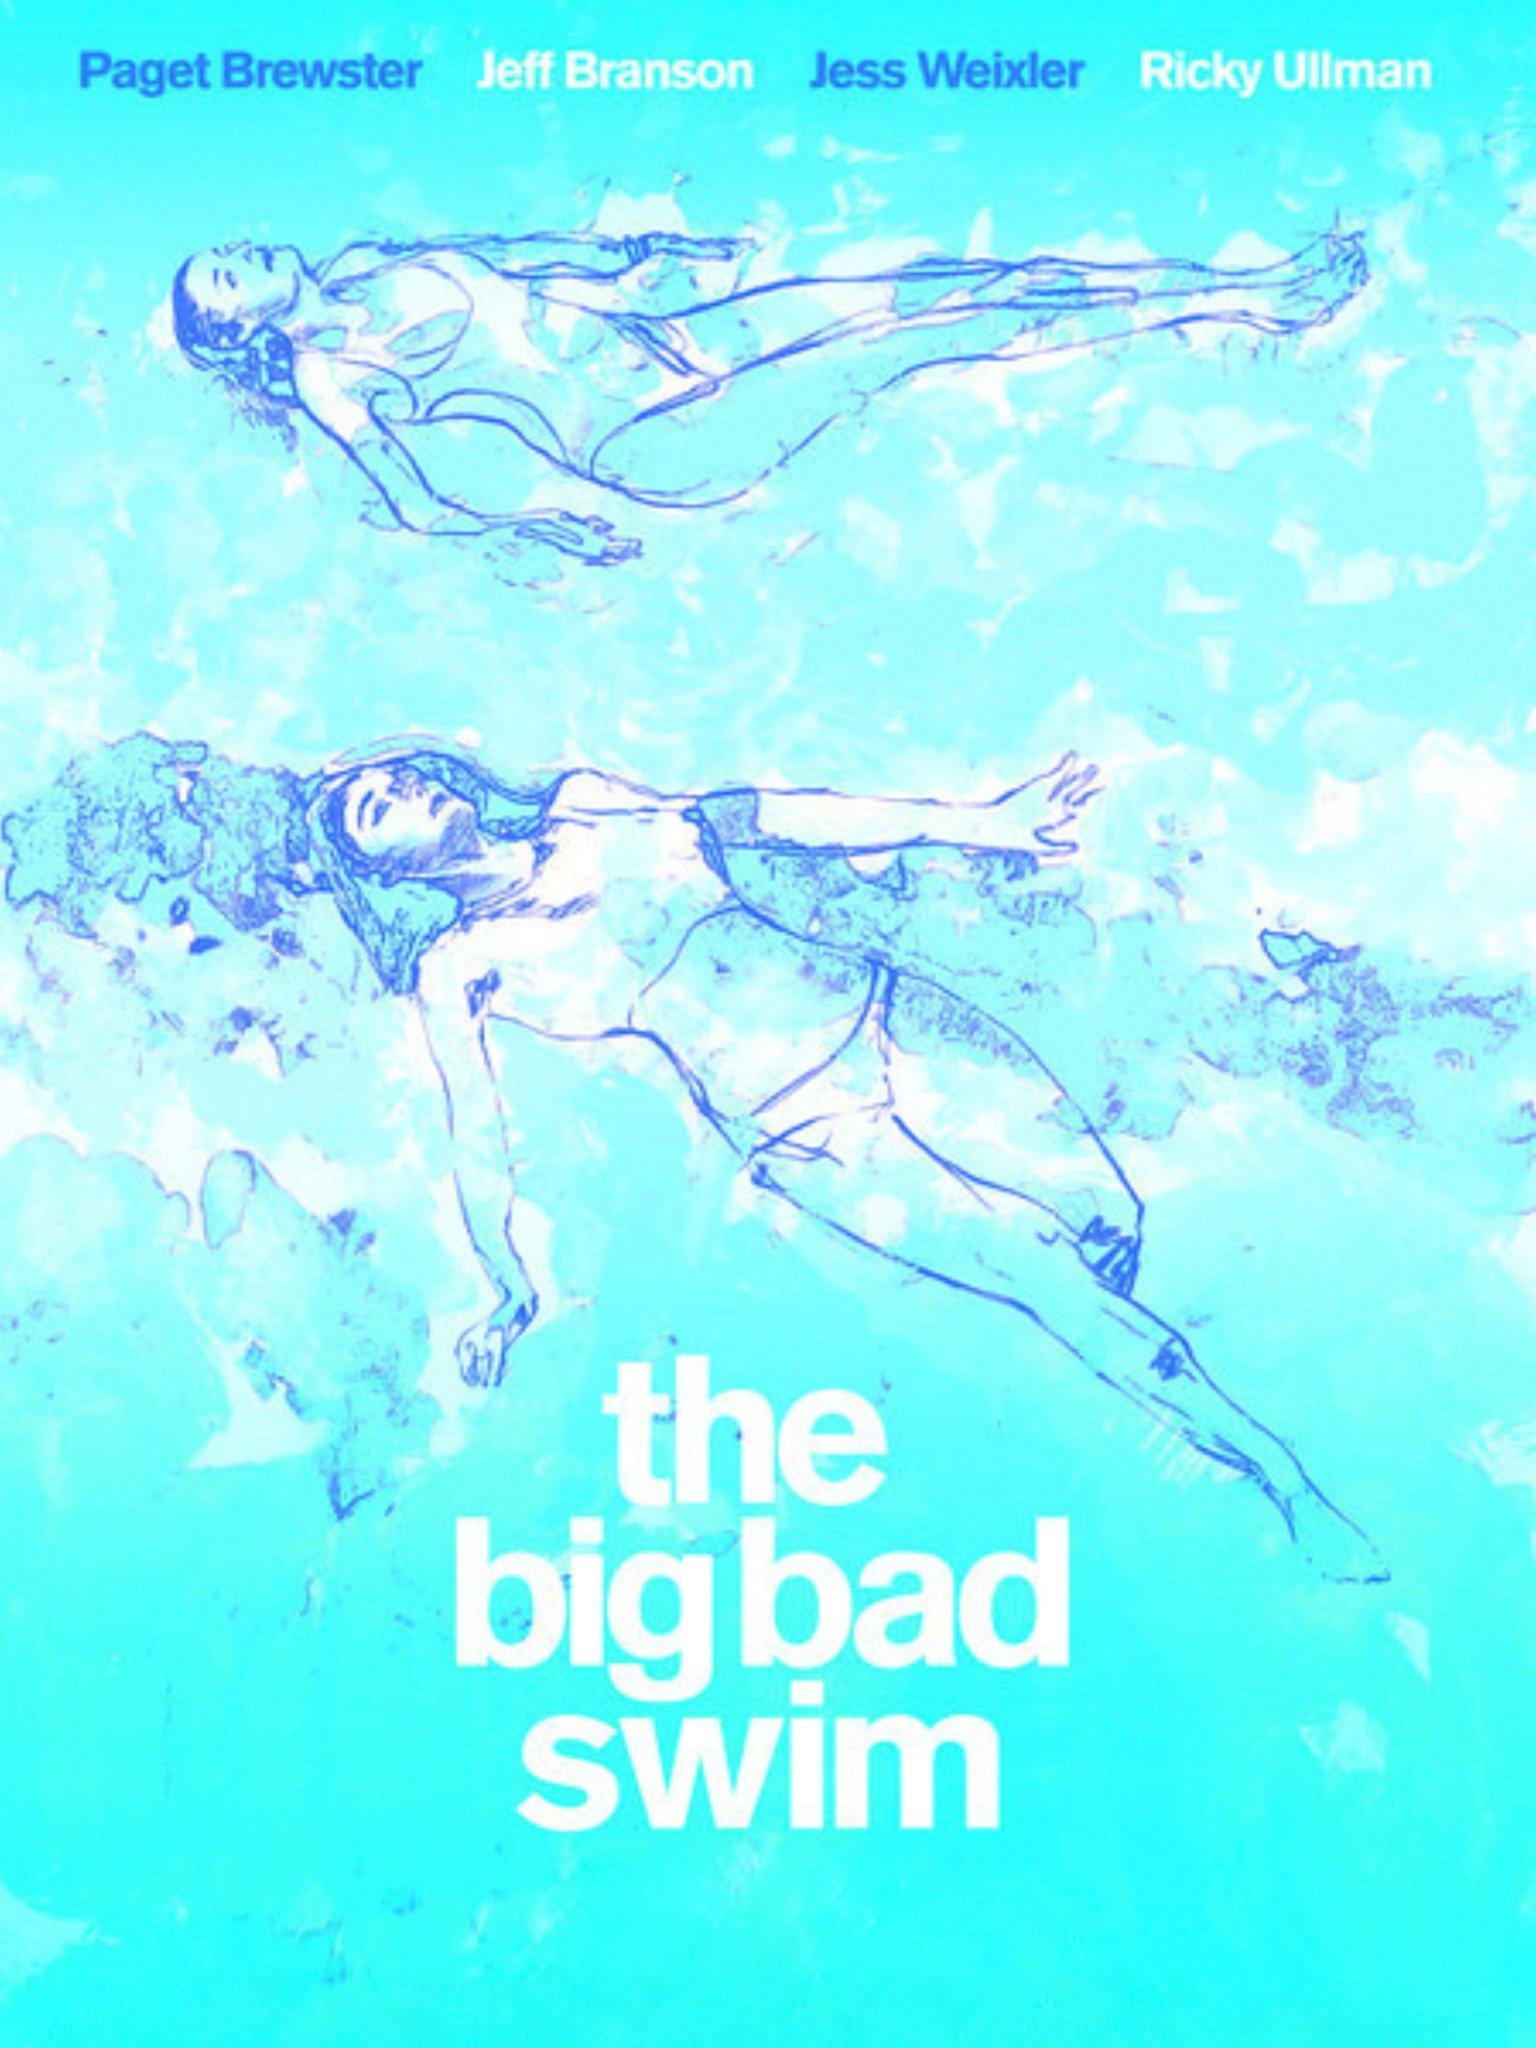 The Big Bad Swim